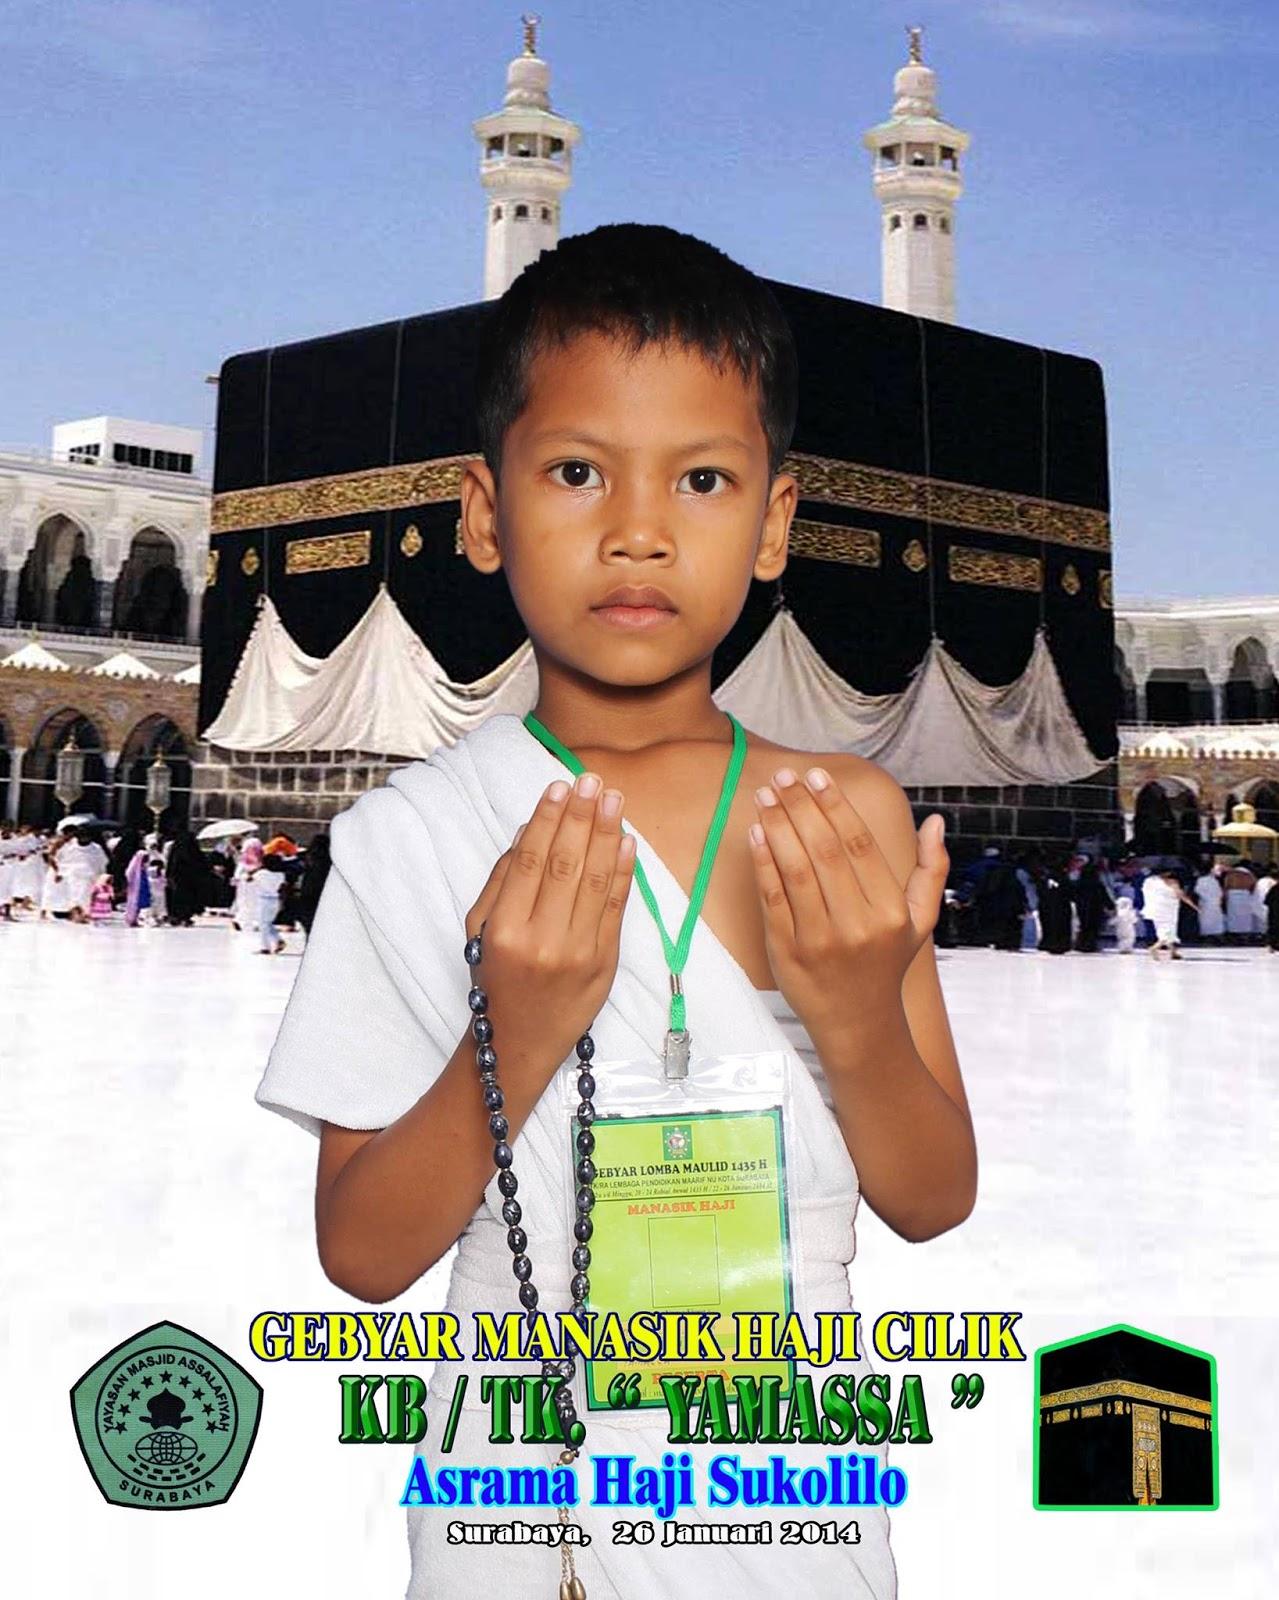 Gambar Orang Manasik Haji Background Foto 25x3m Pro Art Photo Video Studio Cilik Tempat Jual